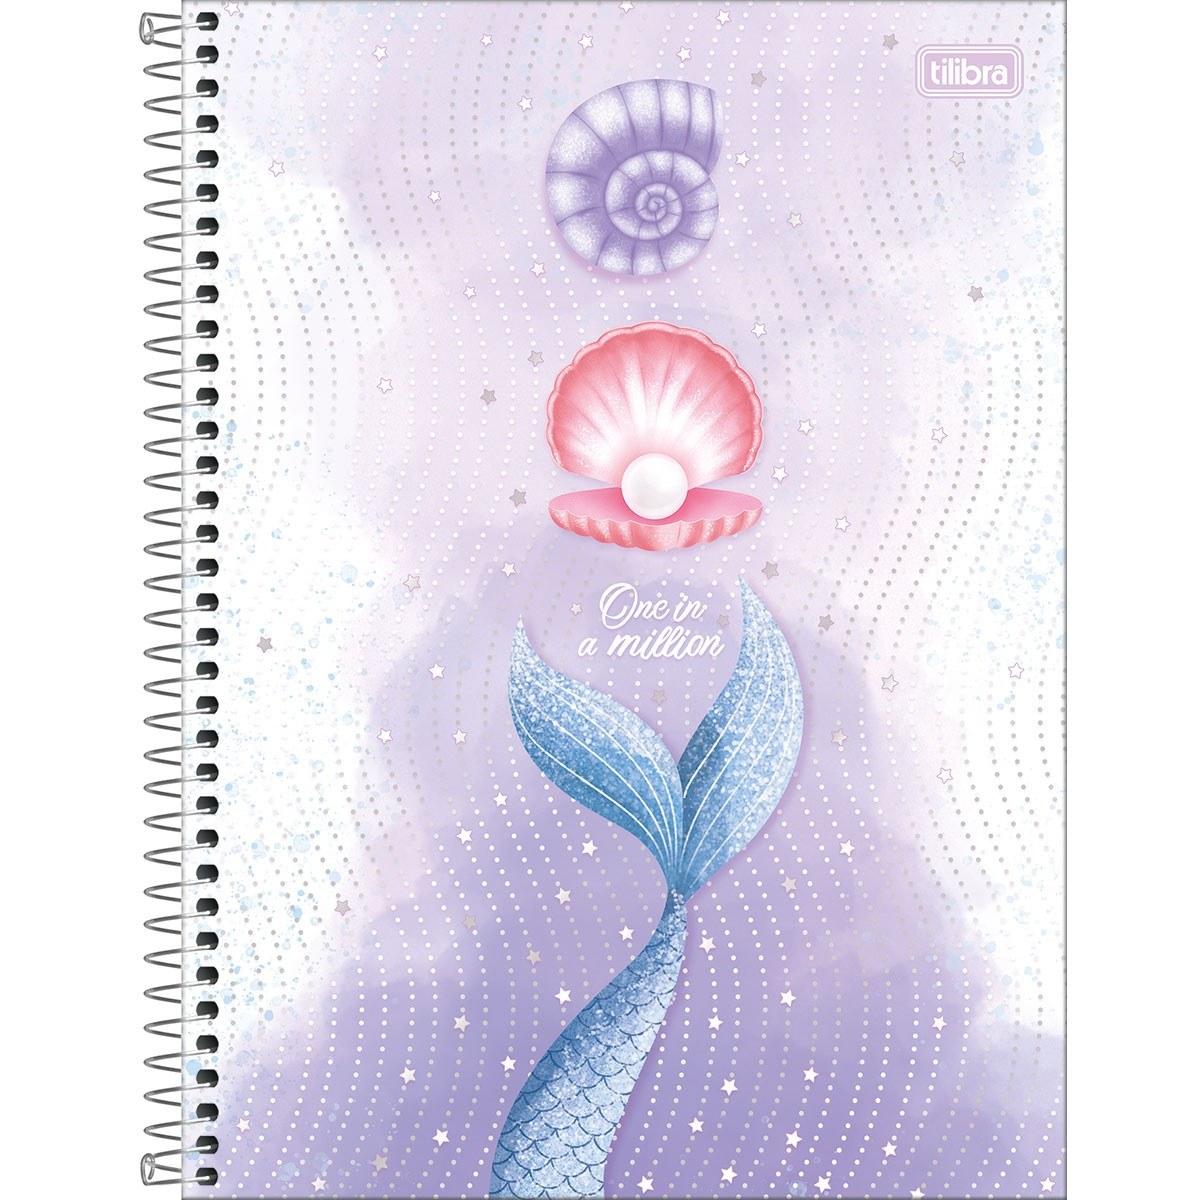 Caderno Espiral Capa Dura Universitário 1 Matéria Wonder 80 Fls - Tilibra